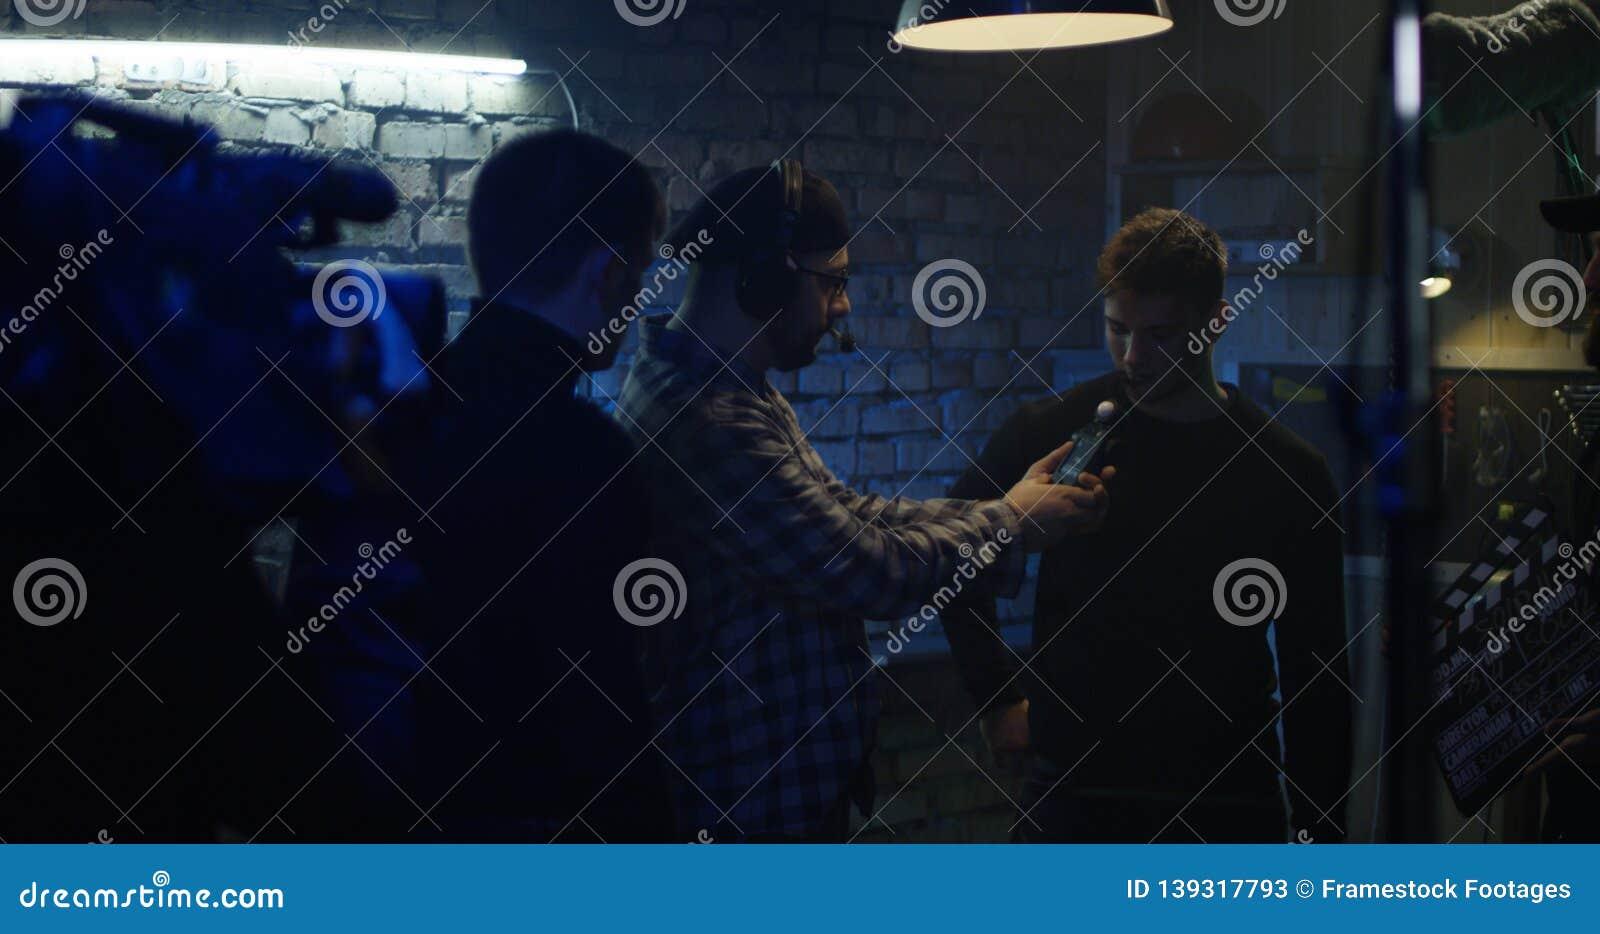 Director coordinating actors in fight scene